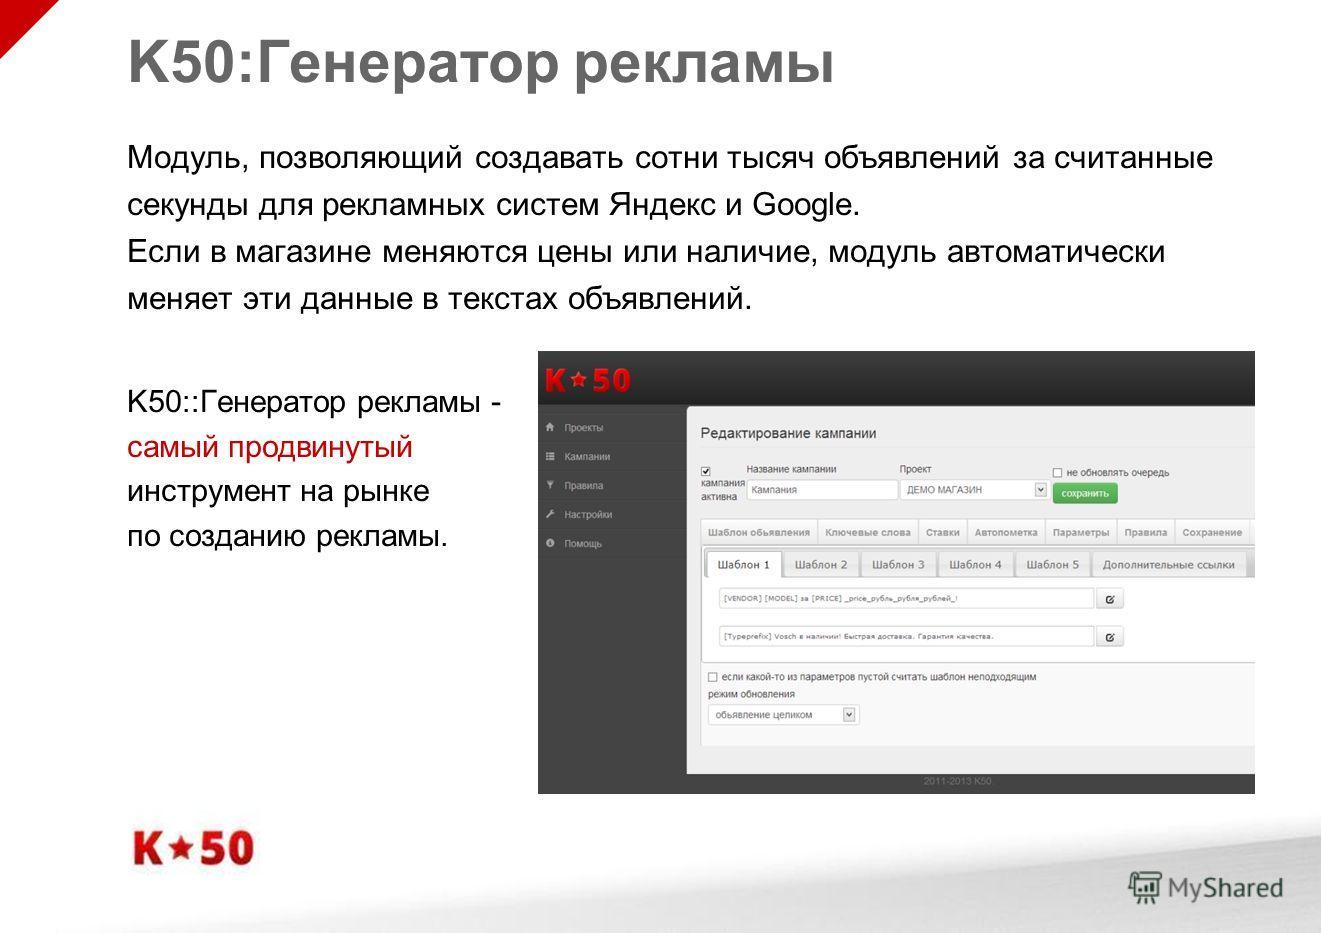 K50:Генератор рекламы Модуль, позволяющий создавать сотни тысяч объявлений за считанные секунды для рекламных систем Яндекс и Google. Если в магазине меняются цены или наличие, модуль автоматически меняет эти данные в текстах объявлений. K50::Генерат